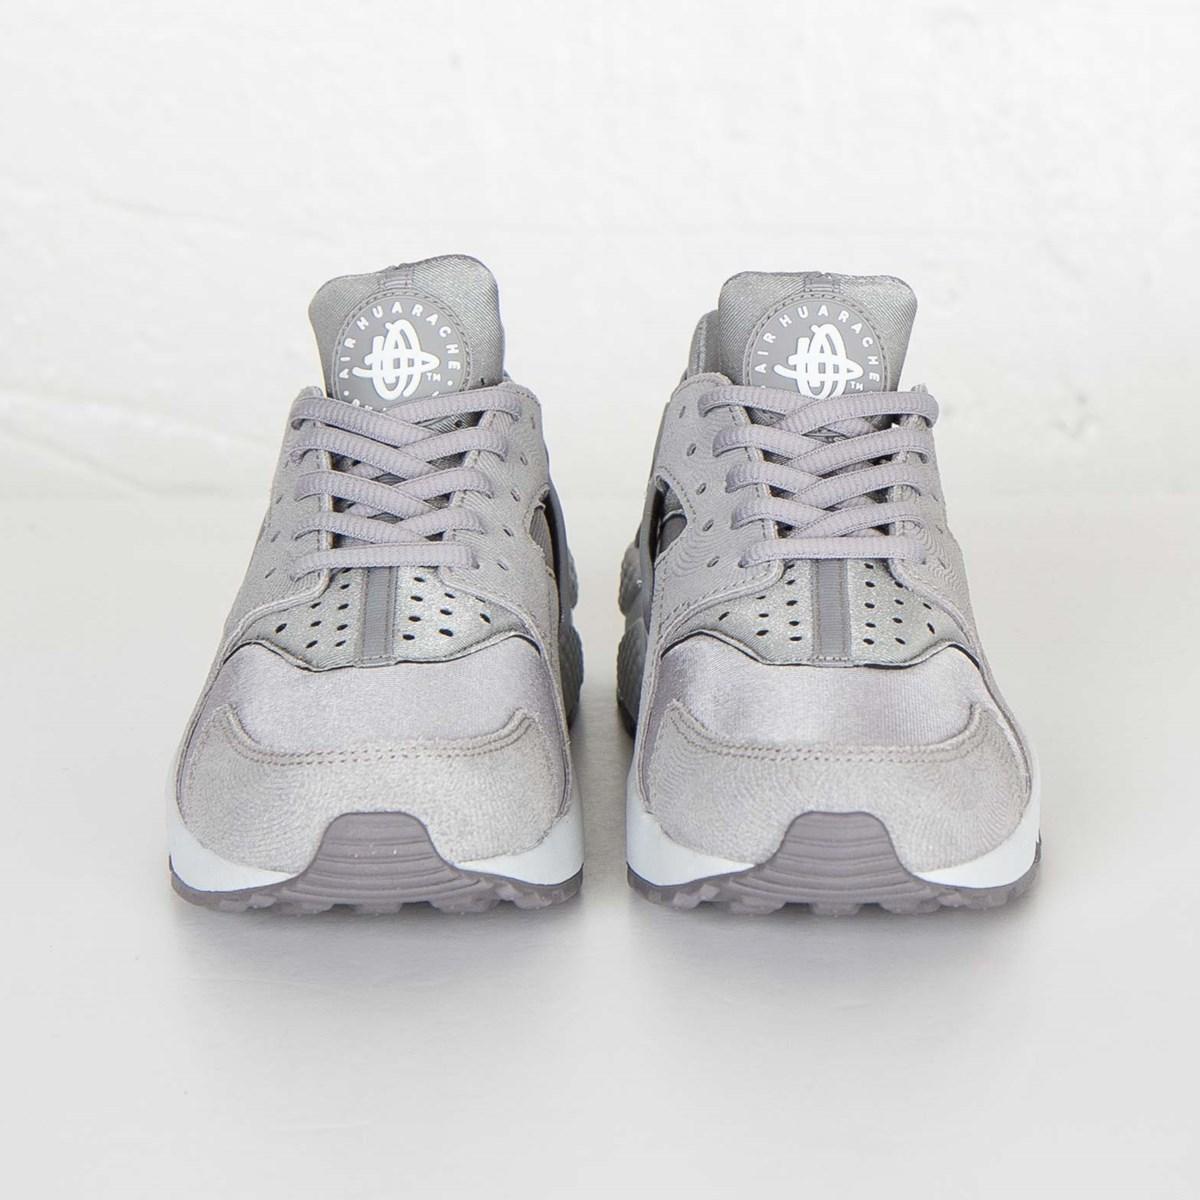 new arrival 09b56 89ac4 Nike W Huarache Run Premium Suede - 833145-002 - Sneakersnstuff   sneakers    streetwear online since 1999